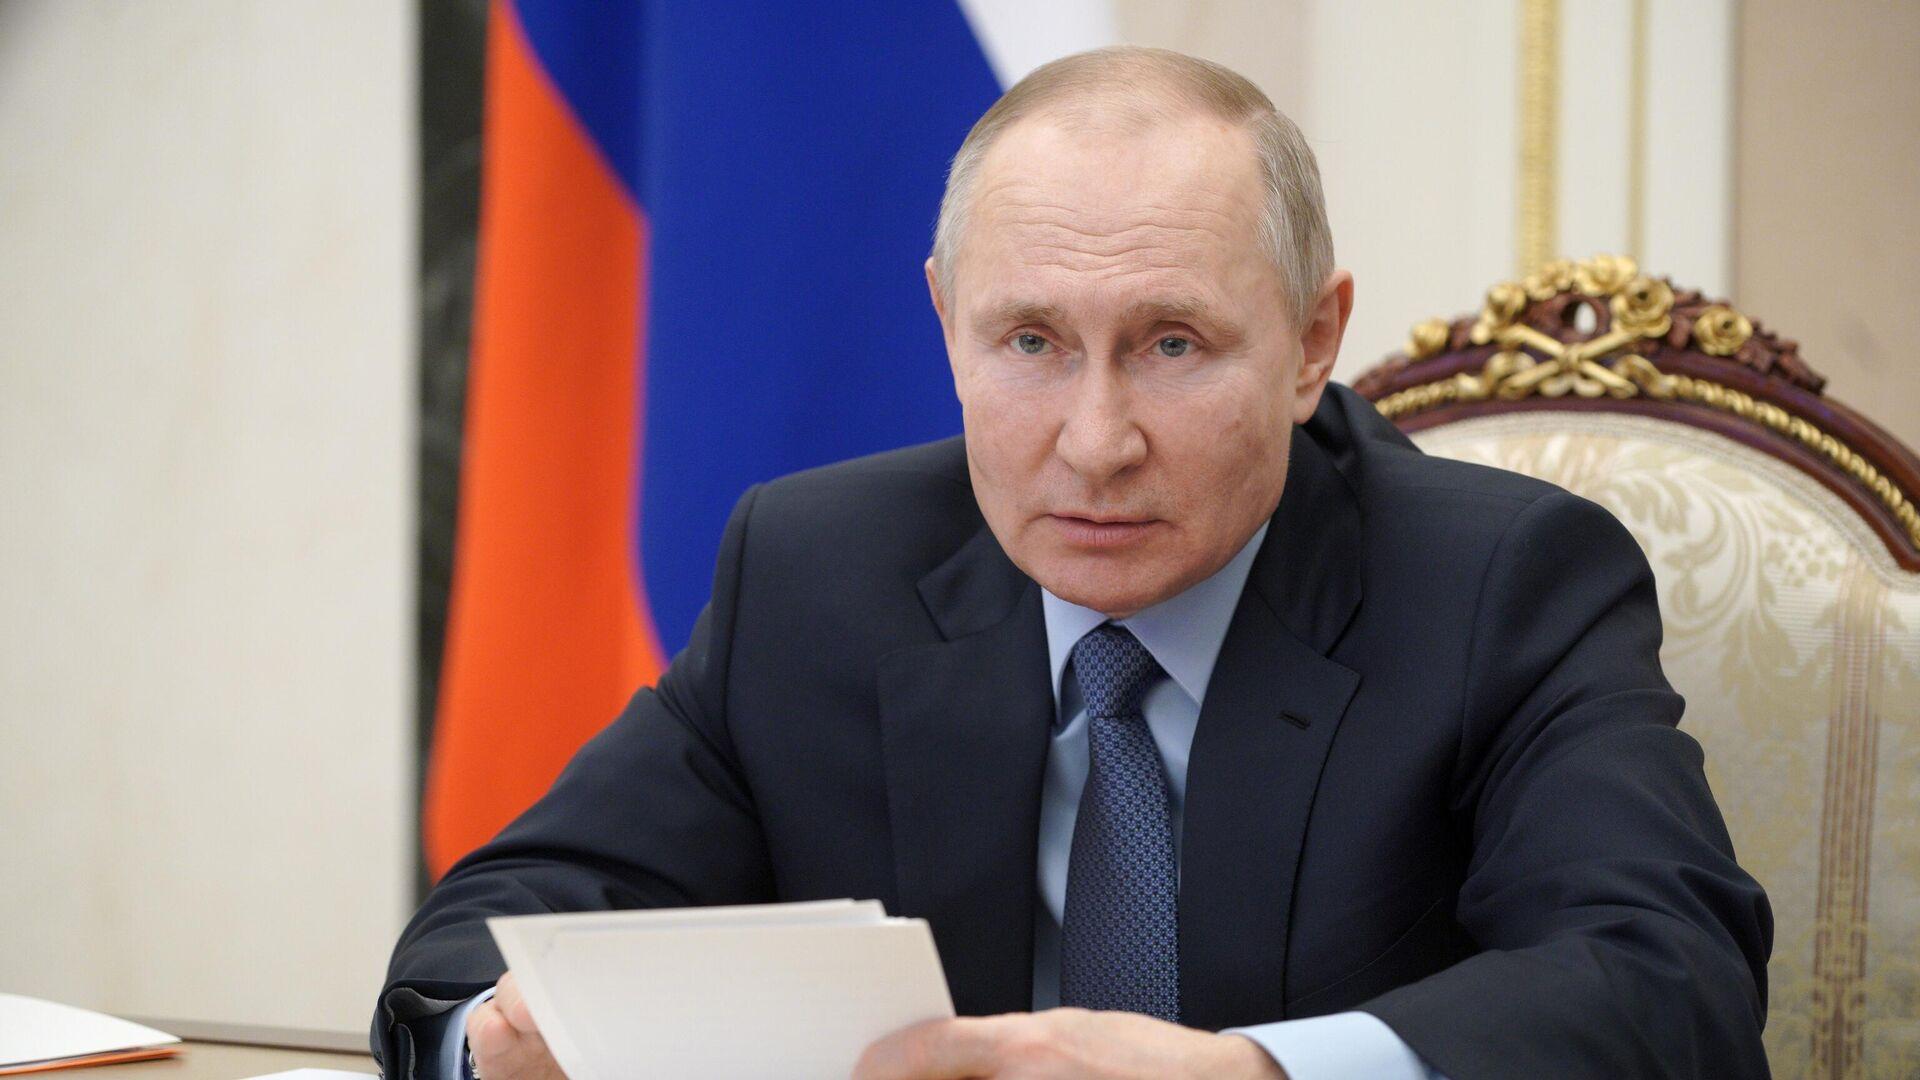 Президент РФ Владимир Путин проводит в режиме видеоконференции совещание по вопросам развития угольной отрасли - РИА Новости, 1920, 06.03.2021